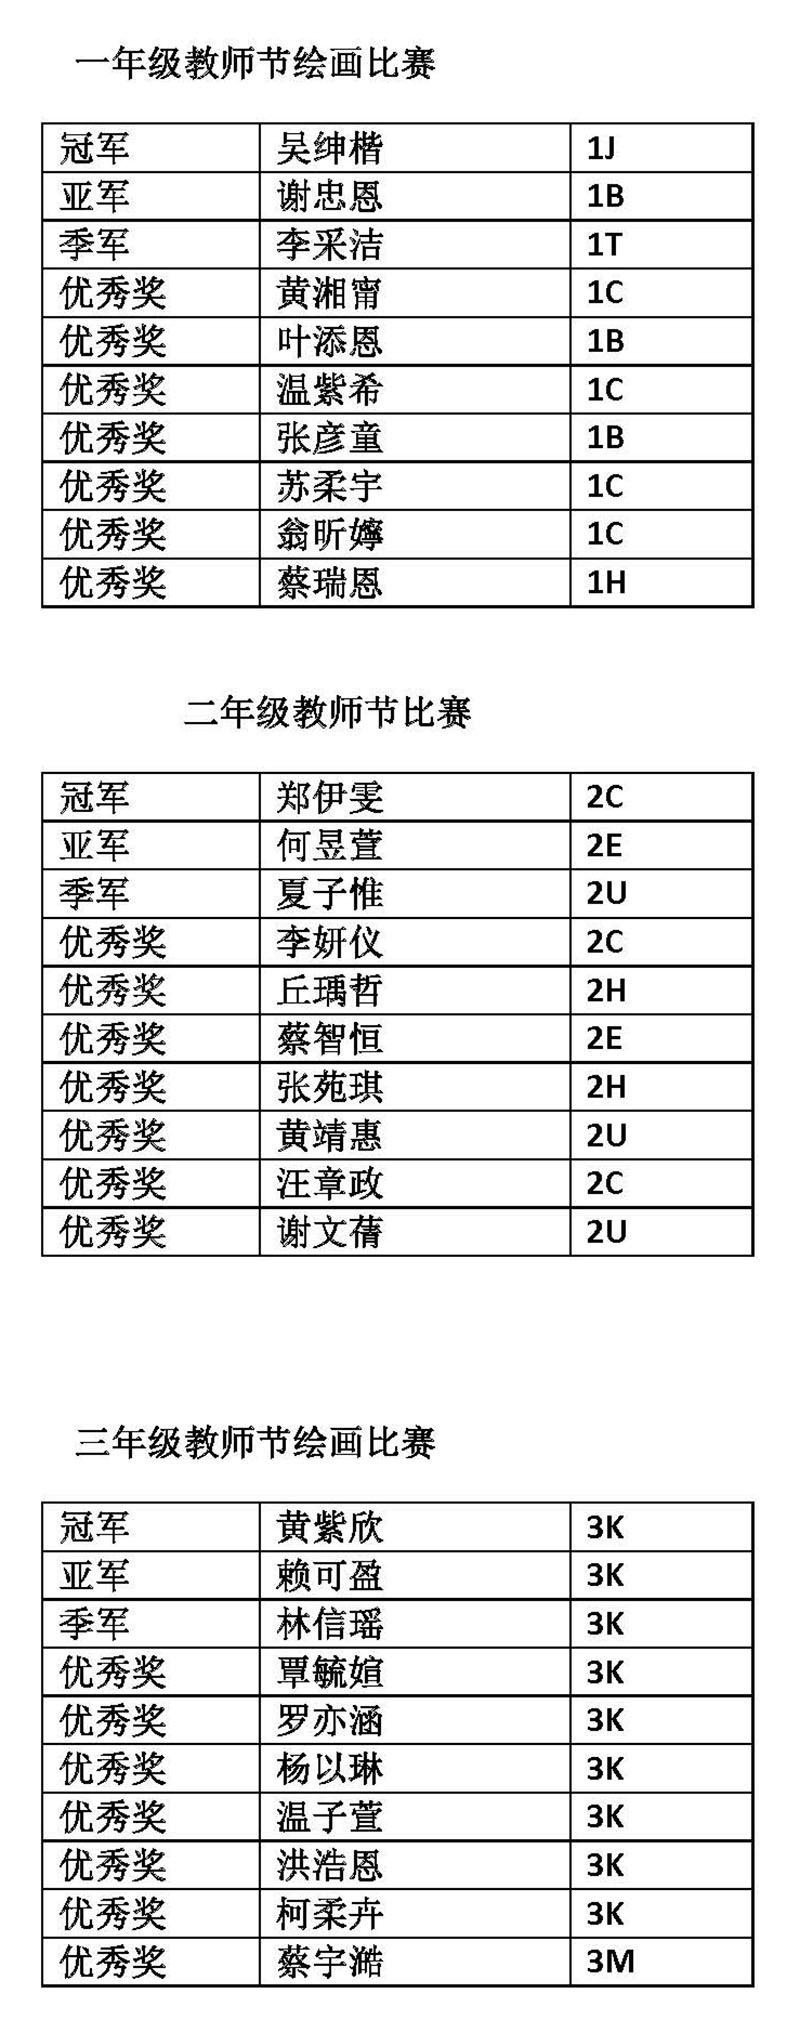 2015_xiaonei_jiaoshijiehuihua_Page_1